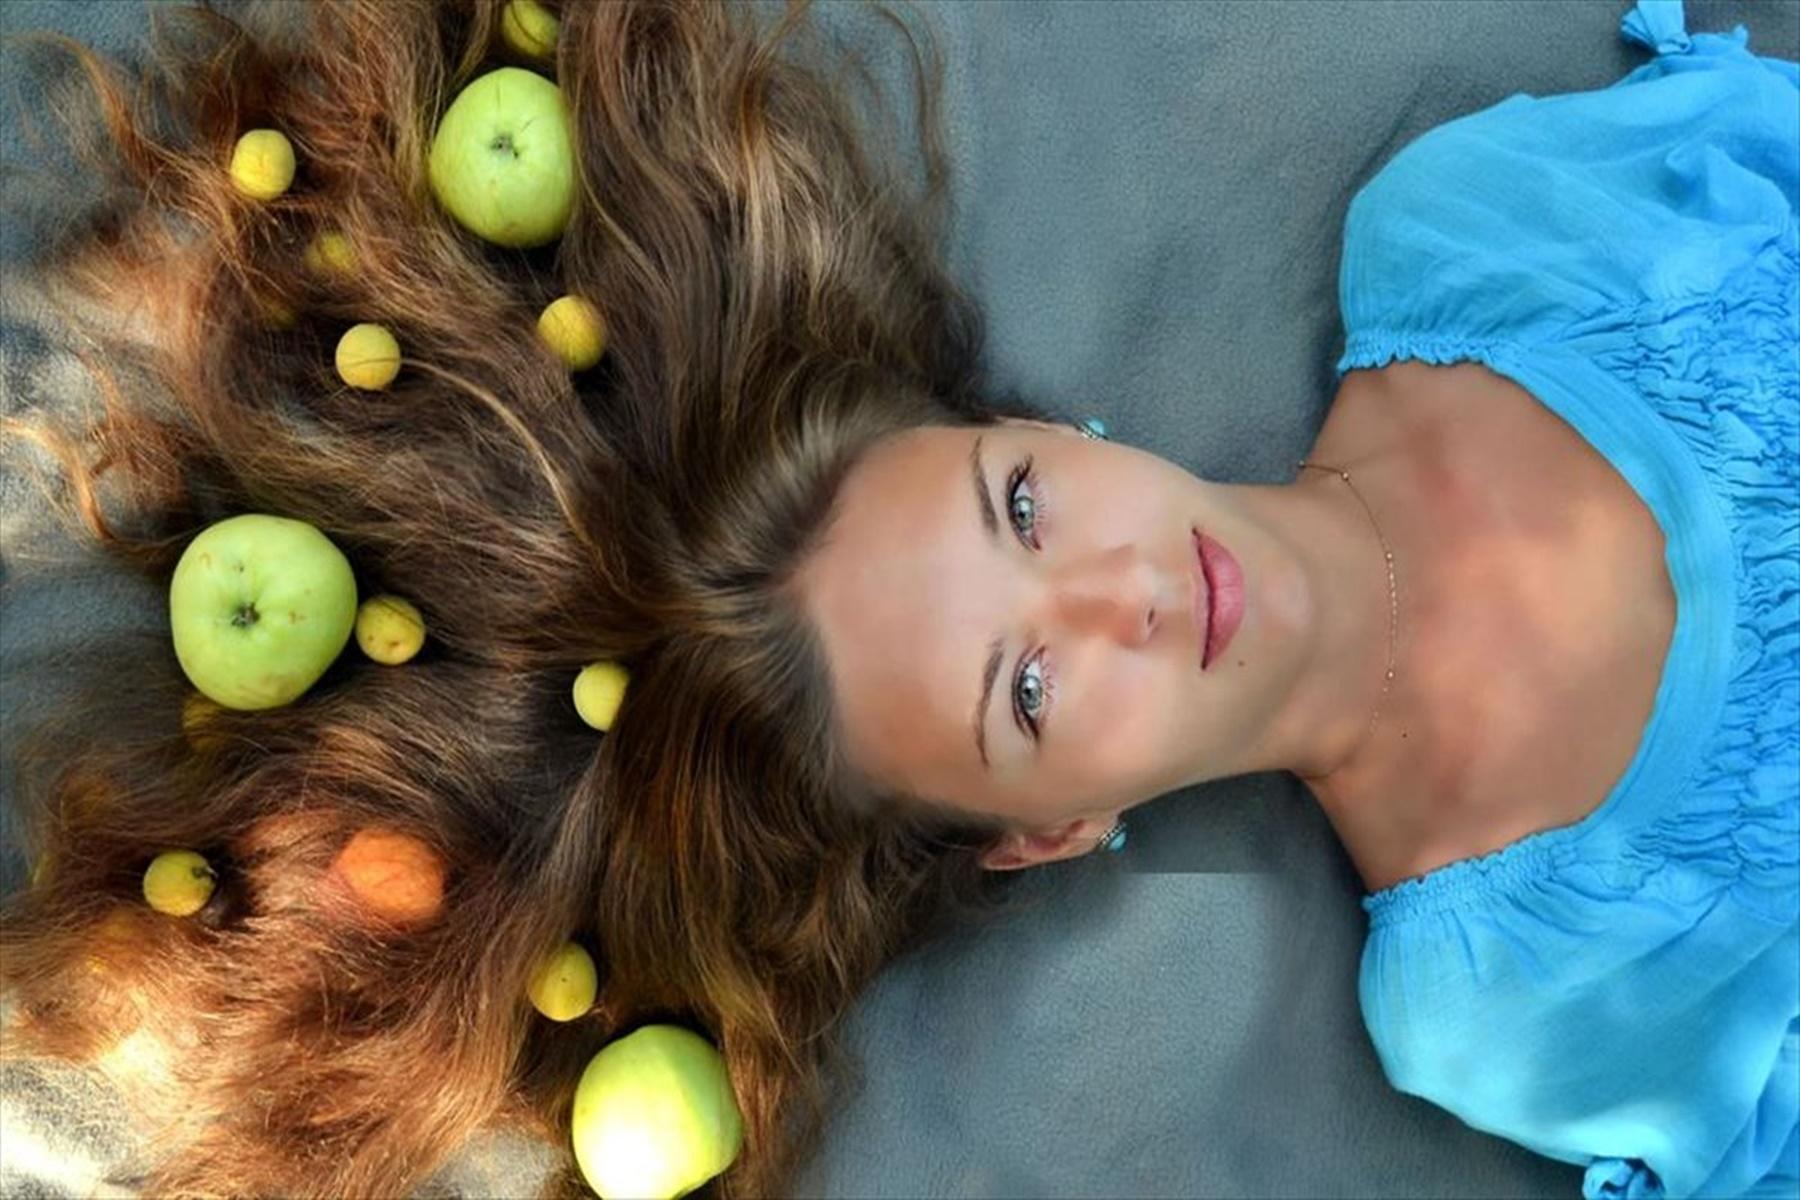 Διατροφή : Τρόφιμα για να διατηρήσετε την υγεία τω μαλλιών σας